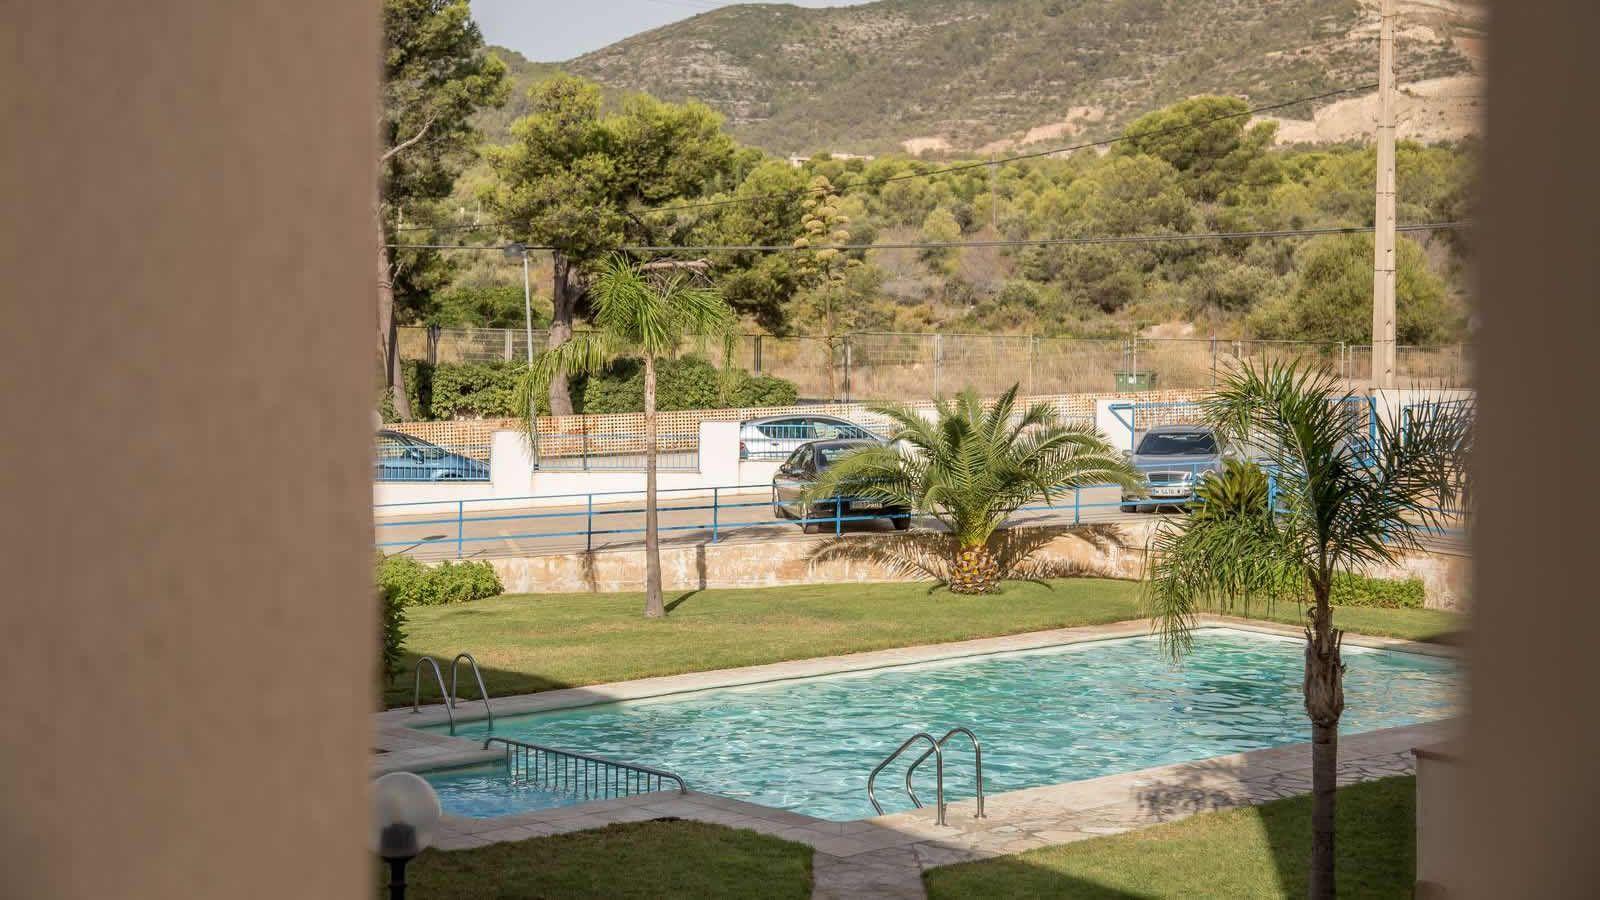 Appartements a l'Hôtel Carlos III à Alcanar- Saint carles de la Rapita- Delta de l'Ebre